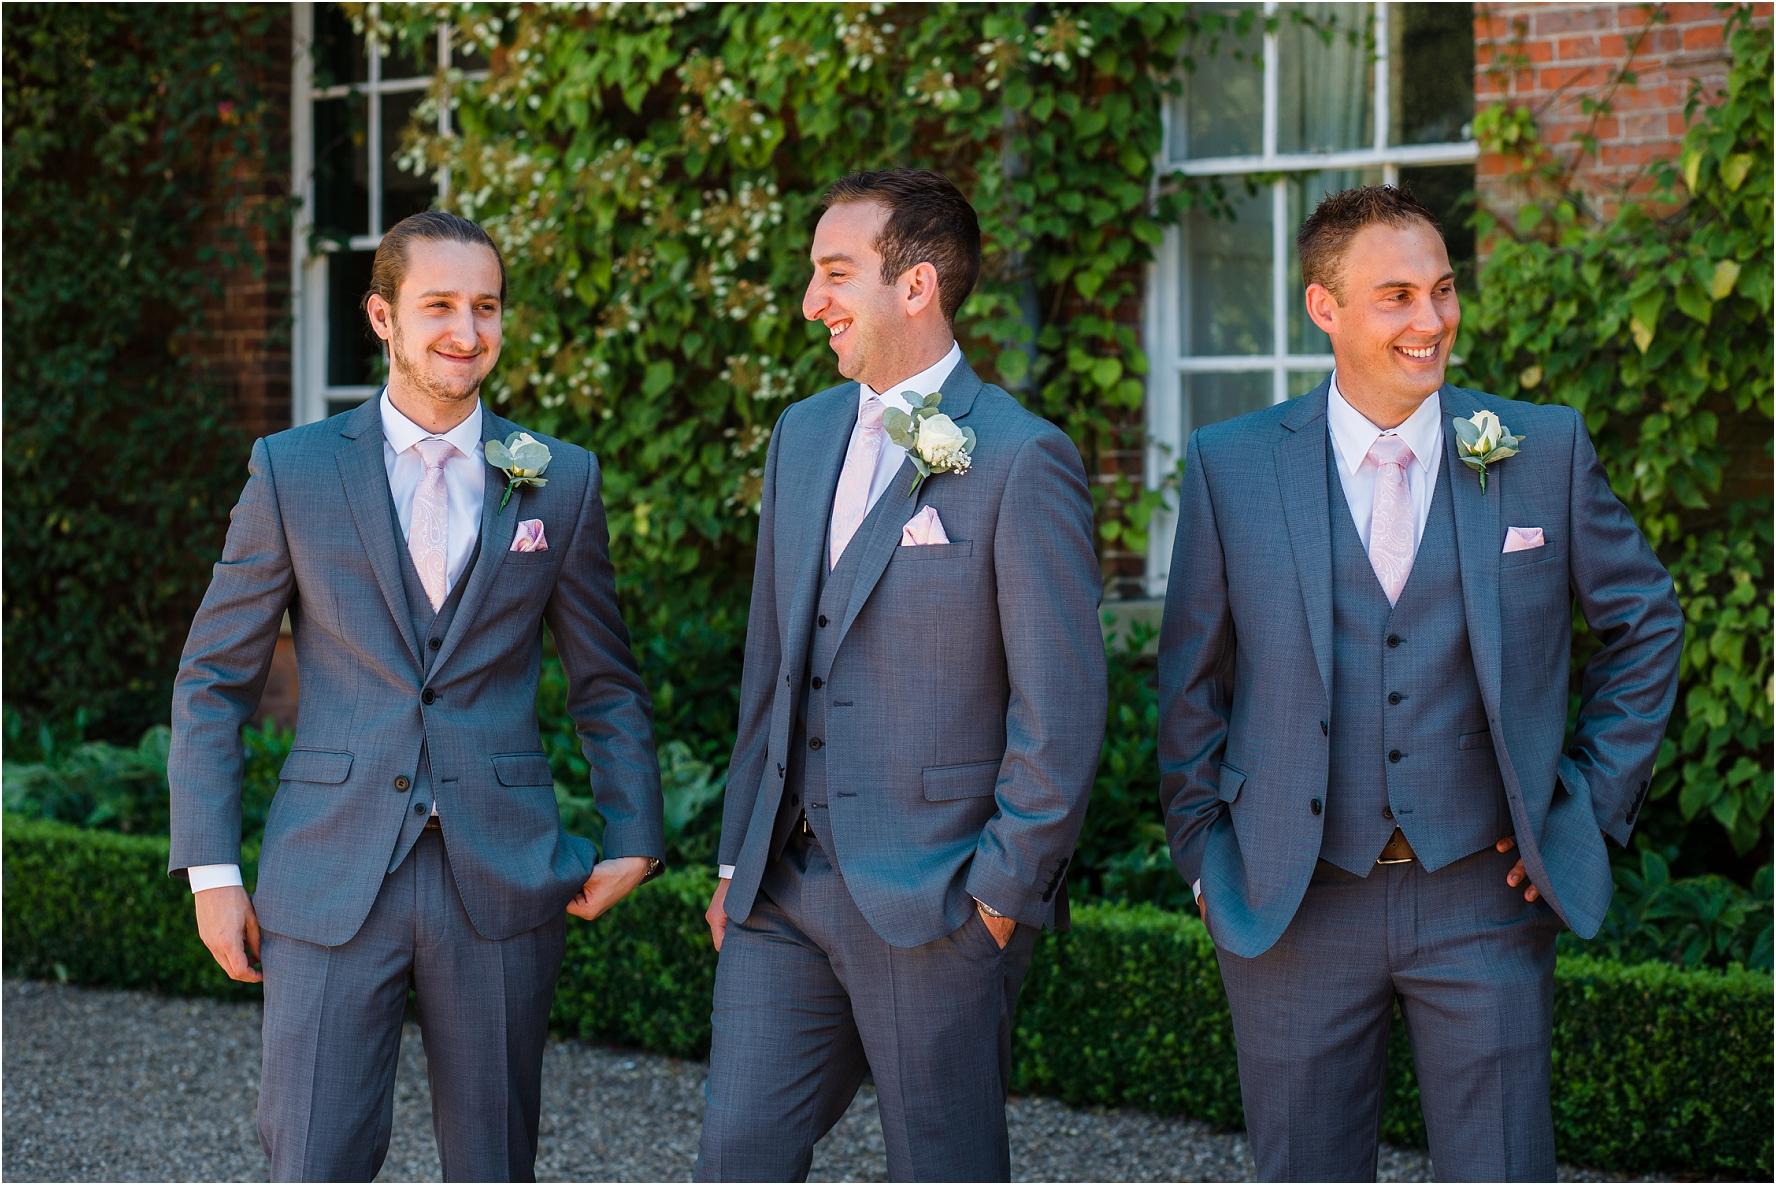 wedding-photography-norwood-park_0009